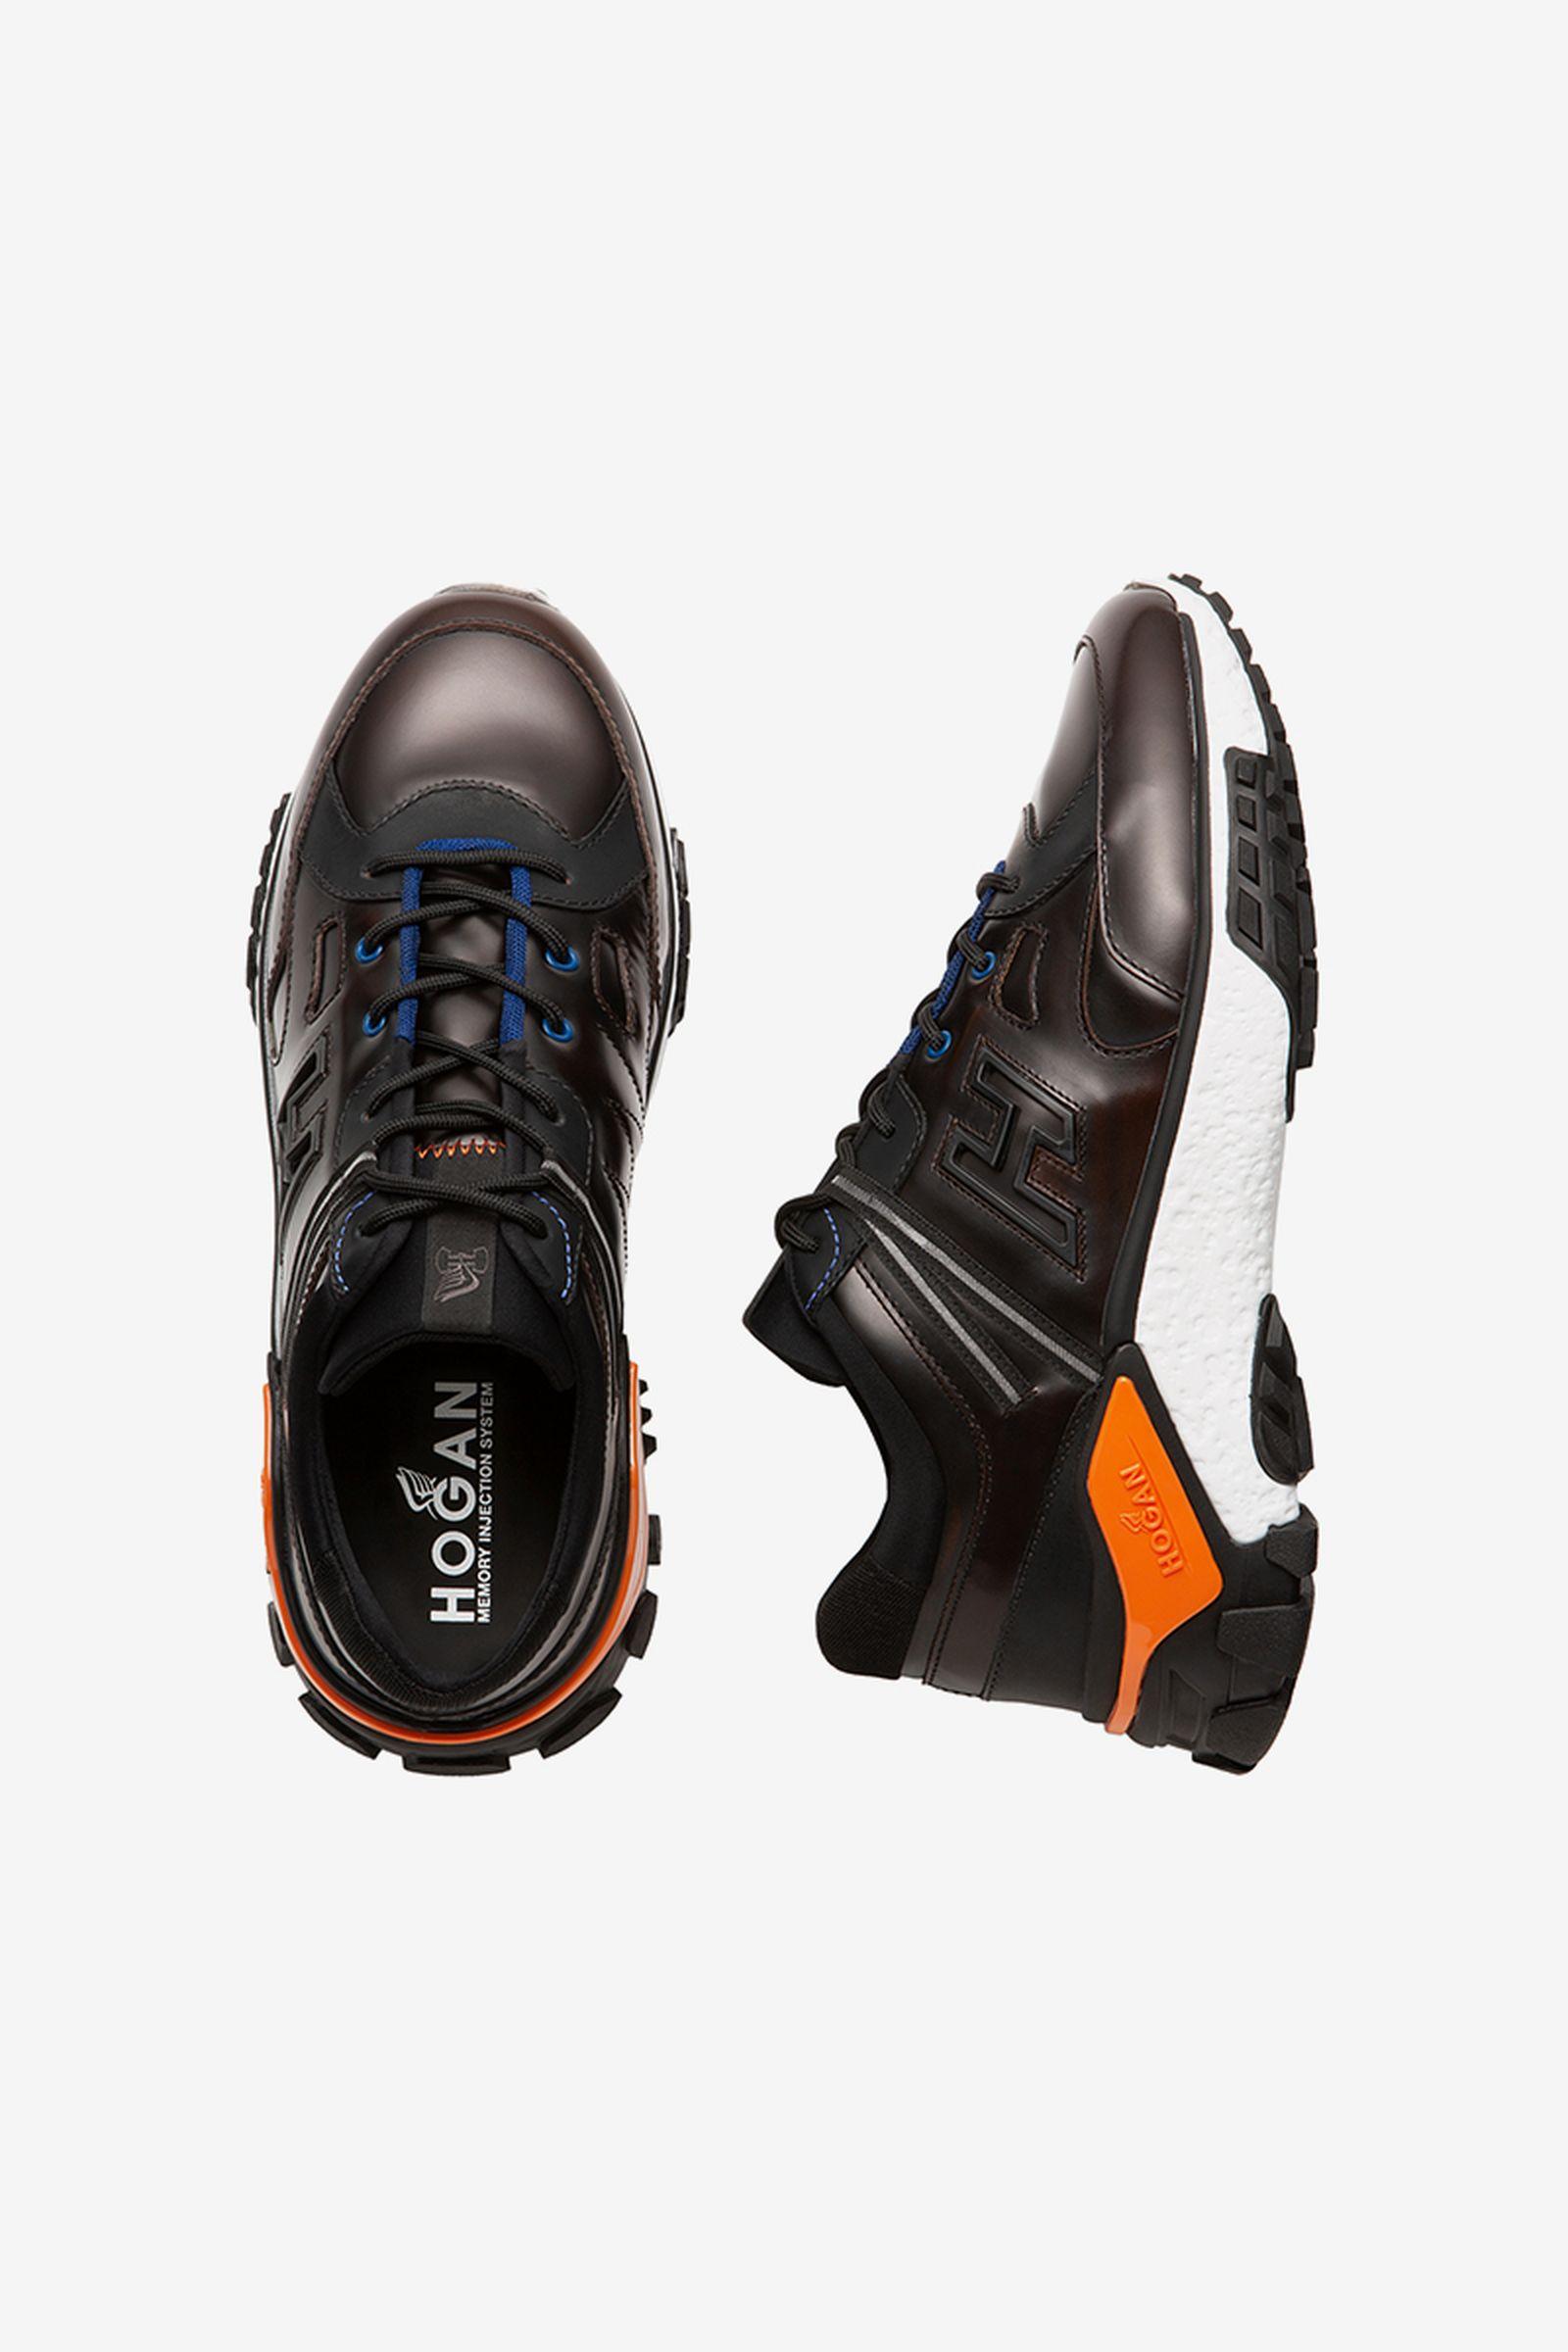 05hogan-sneakers-luxury-fall-winter-2019-